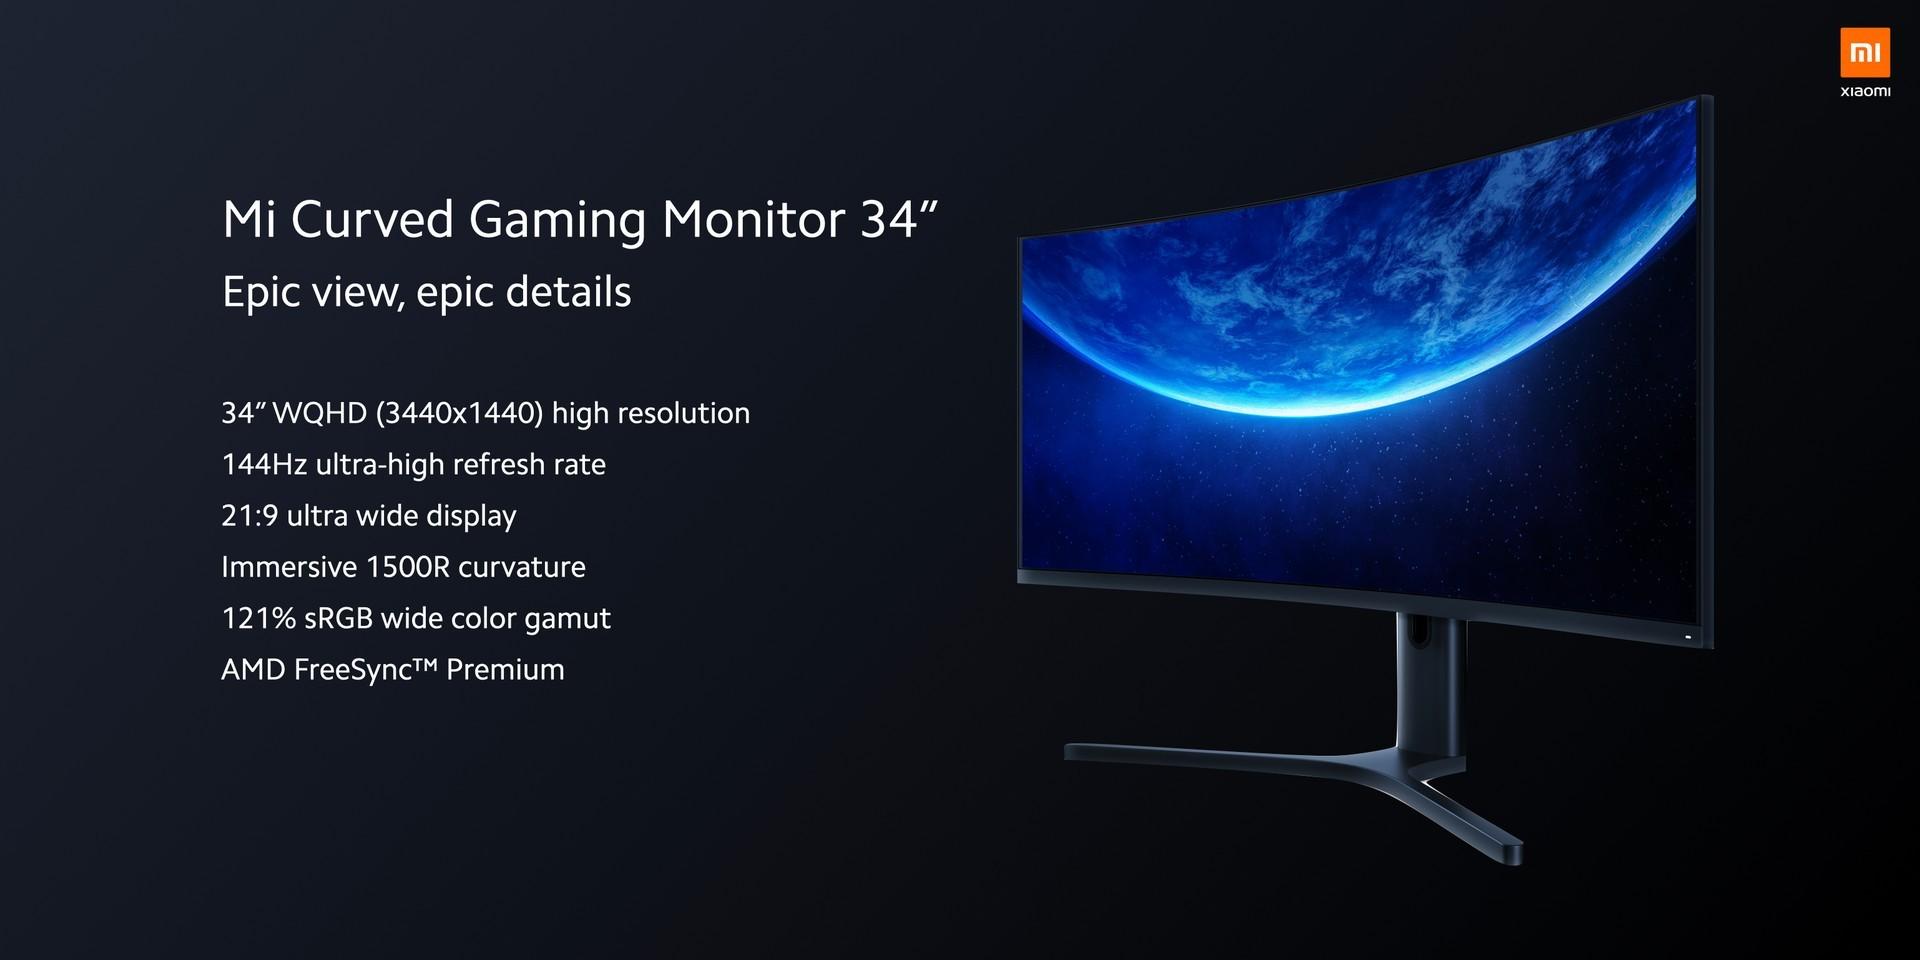 مواصفات شاشة كمبيوتر شاومي كيرفد للألعاب